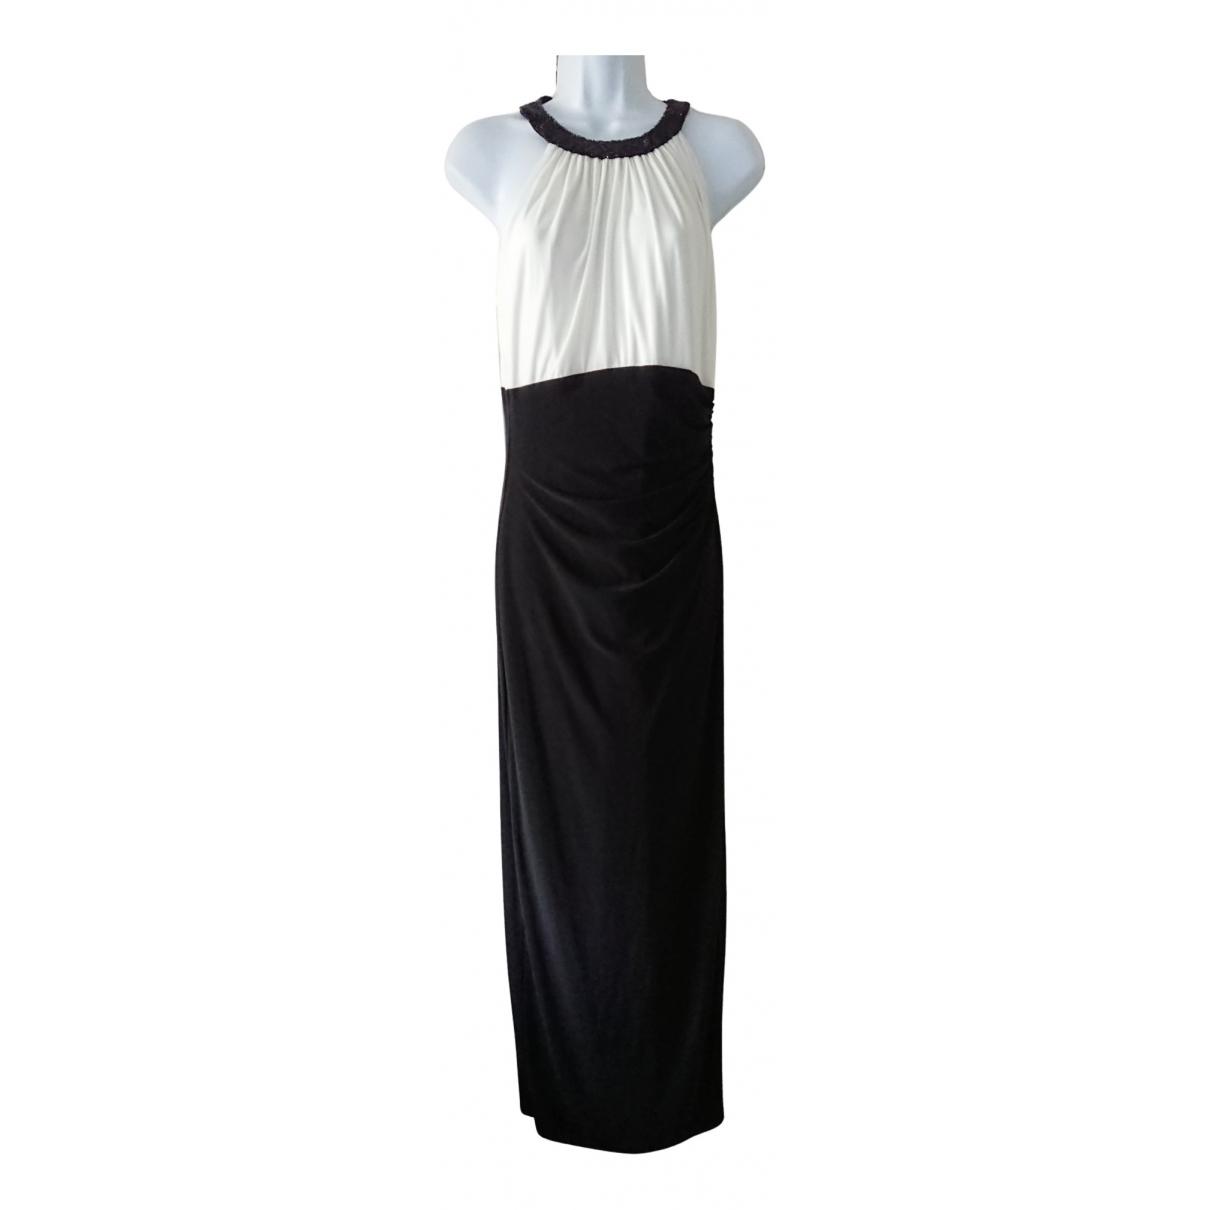 Lauren Ralph Lauren N Ecru dress for Women 6 US